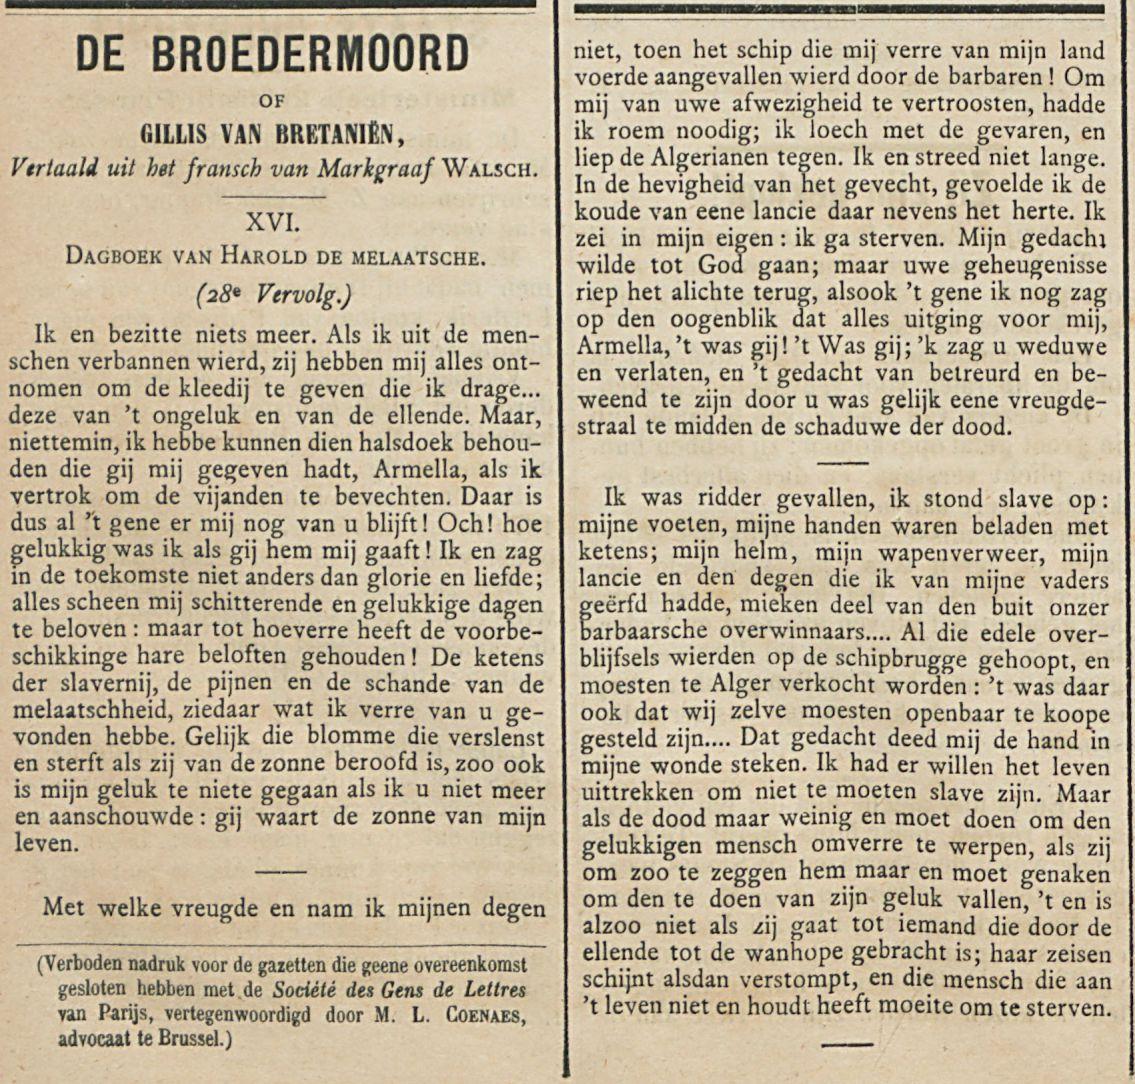 DE BROEDERMOORD